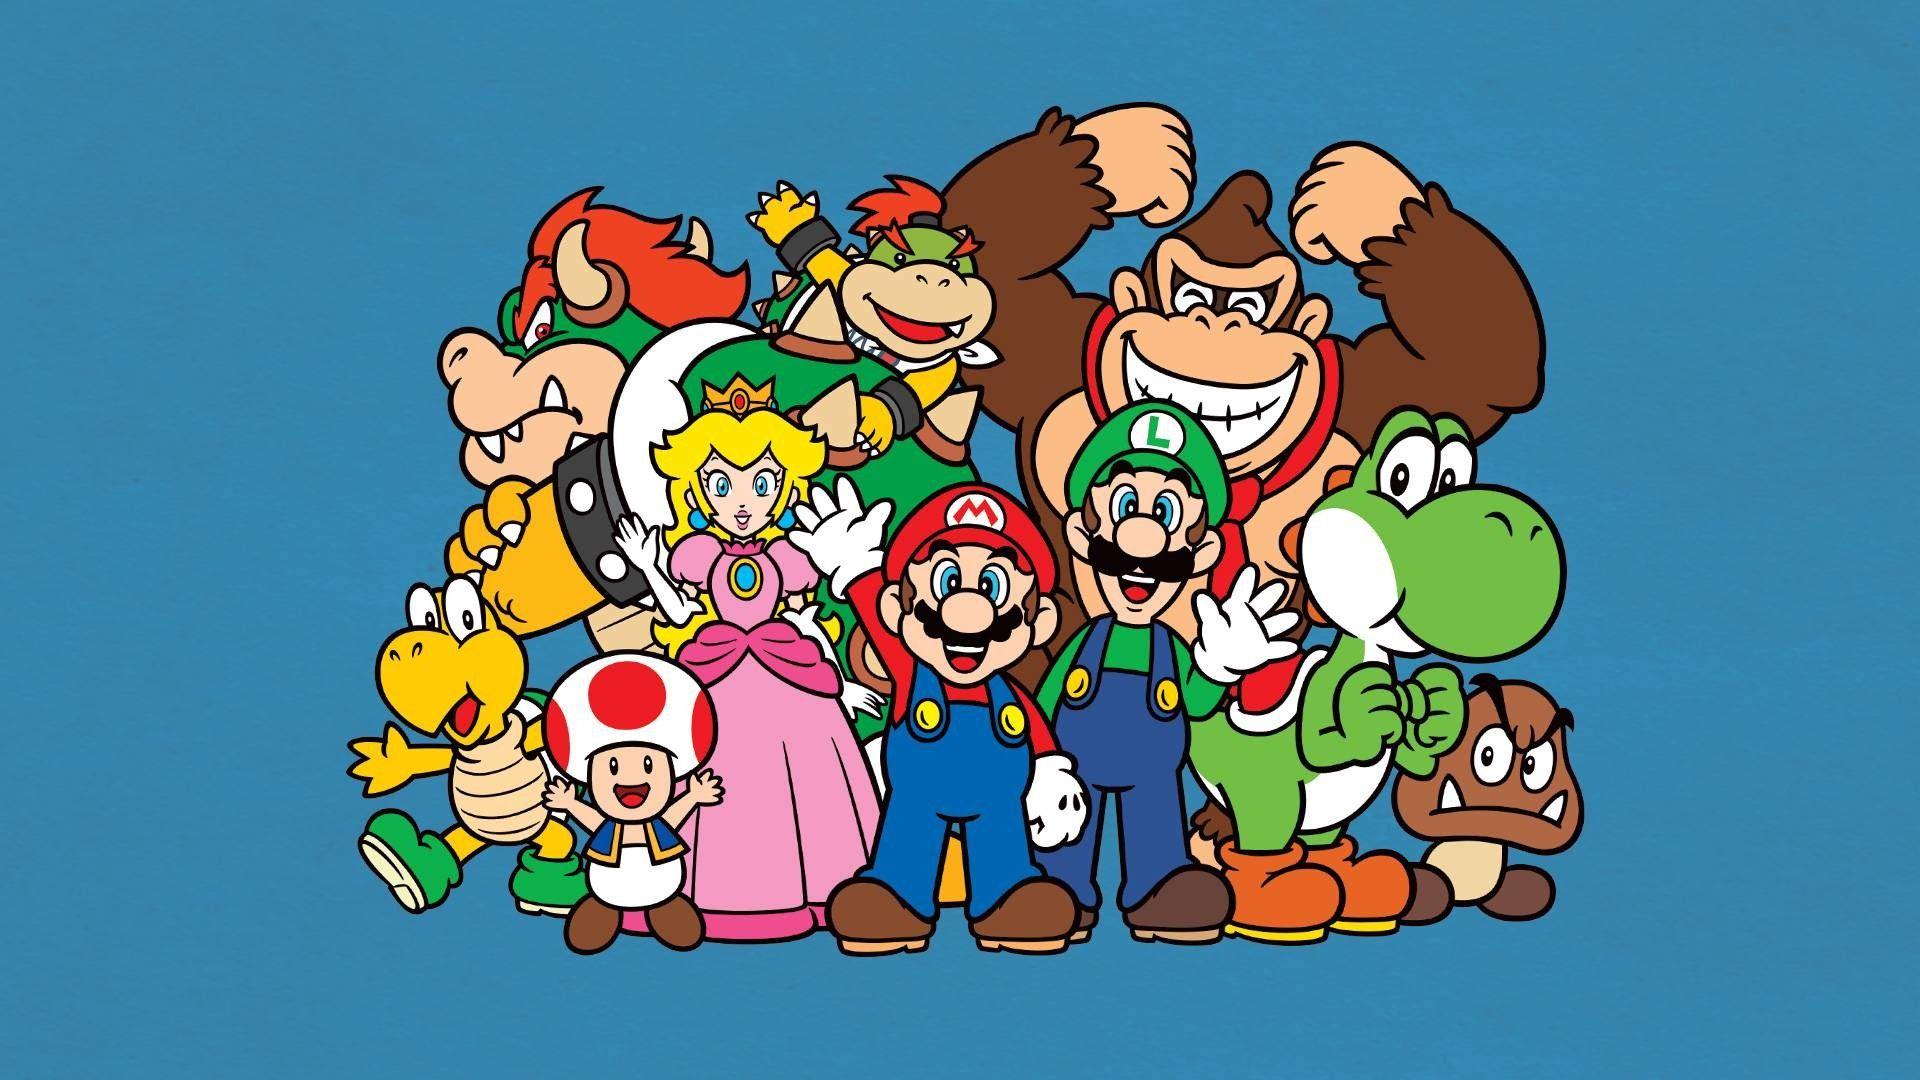 Nintendo Desktop Wallpapers   Top Nintendo Desktop 1920x1080